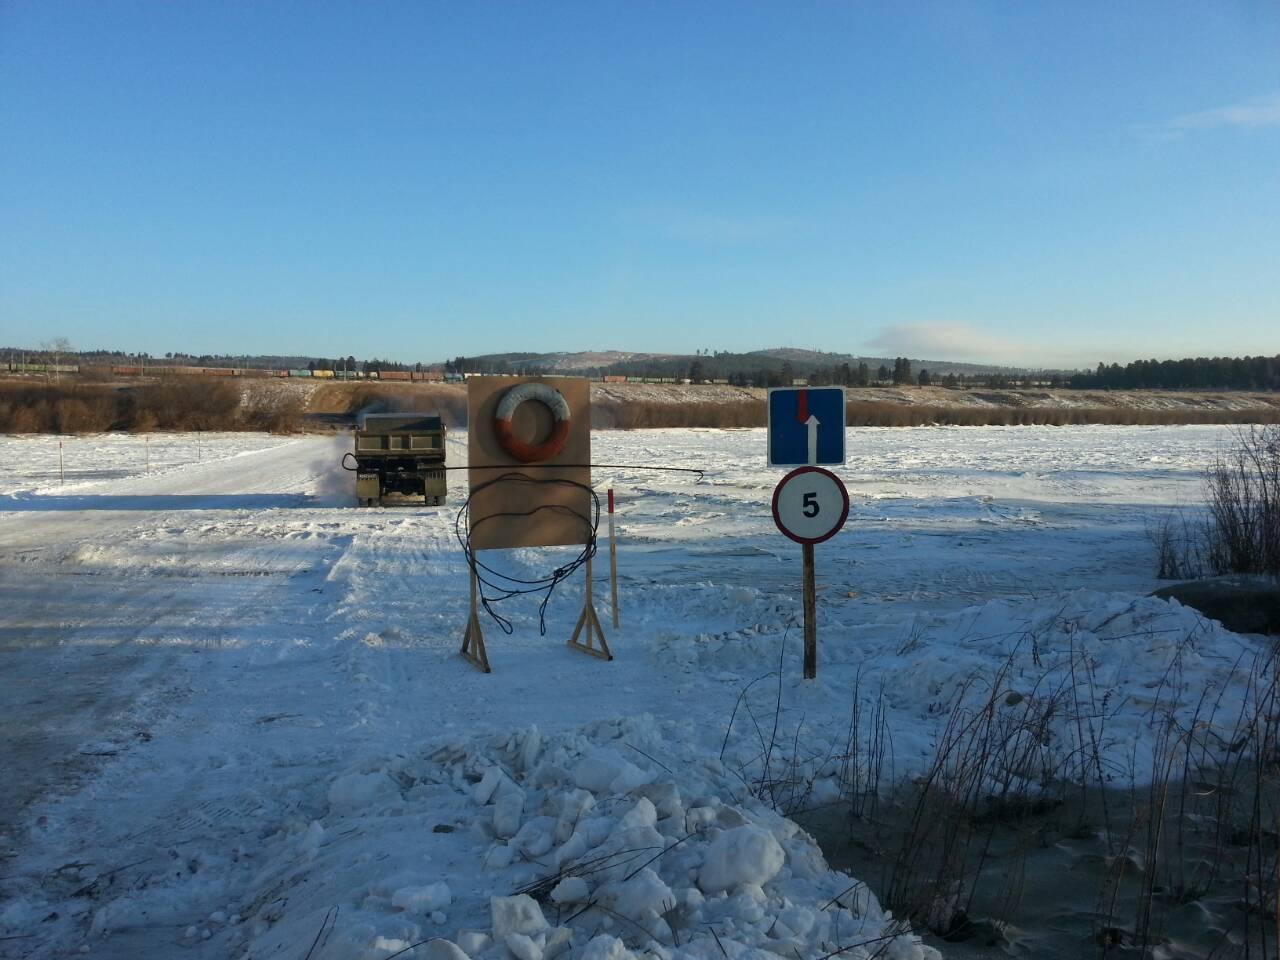 Переправу пришлось устроить из-за наледи, перекрывшей дорогу к селу в Забайкалье